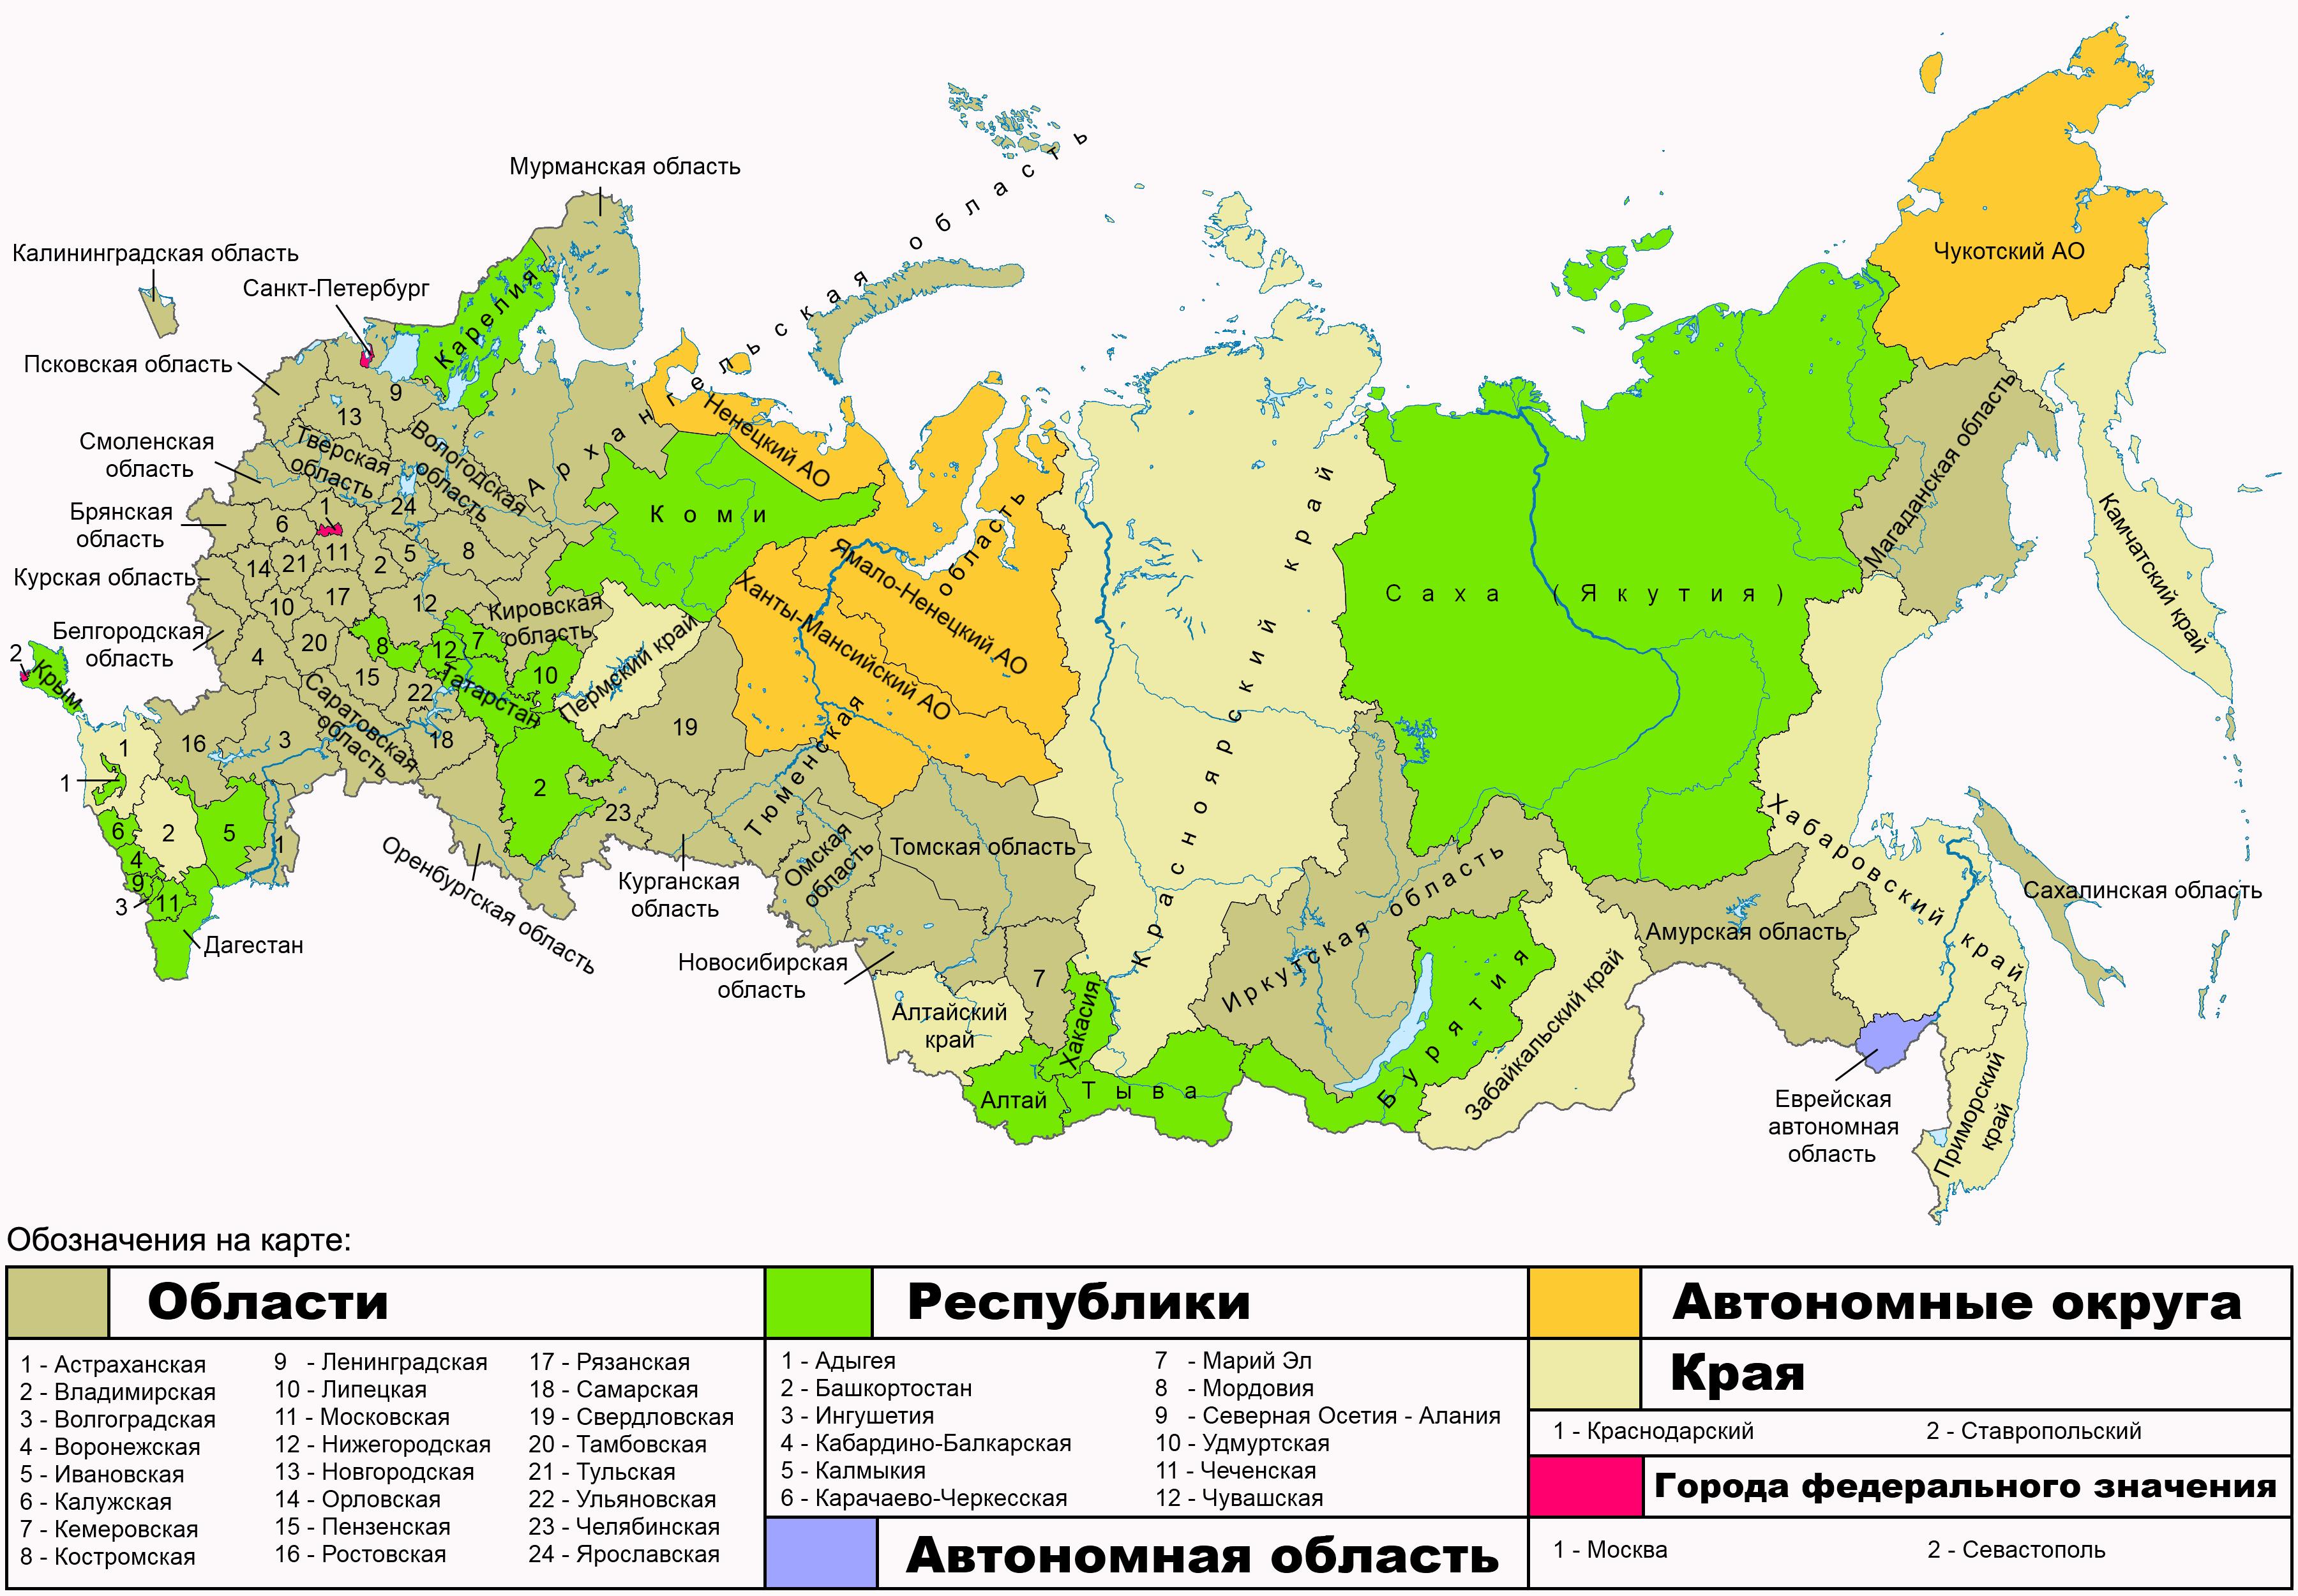 Каверзные вопросы о географии